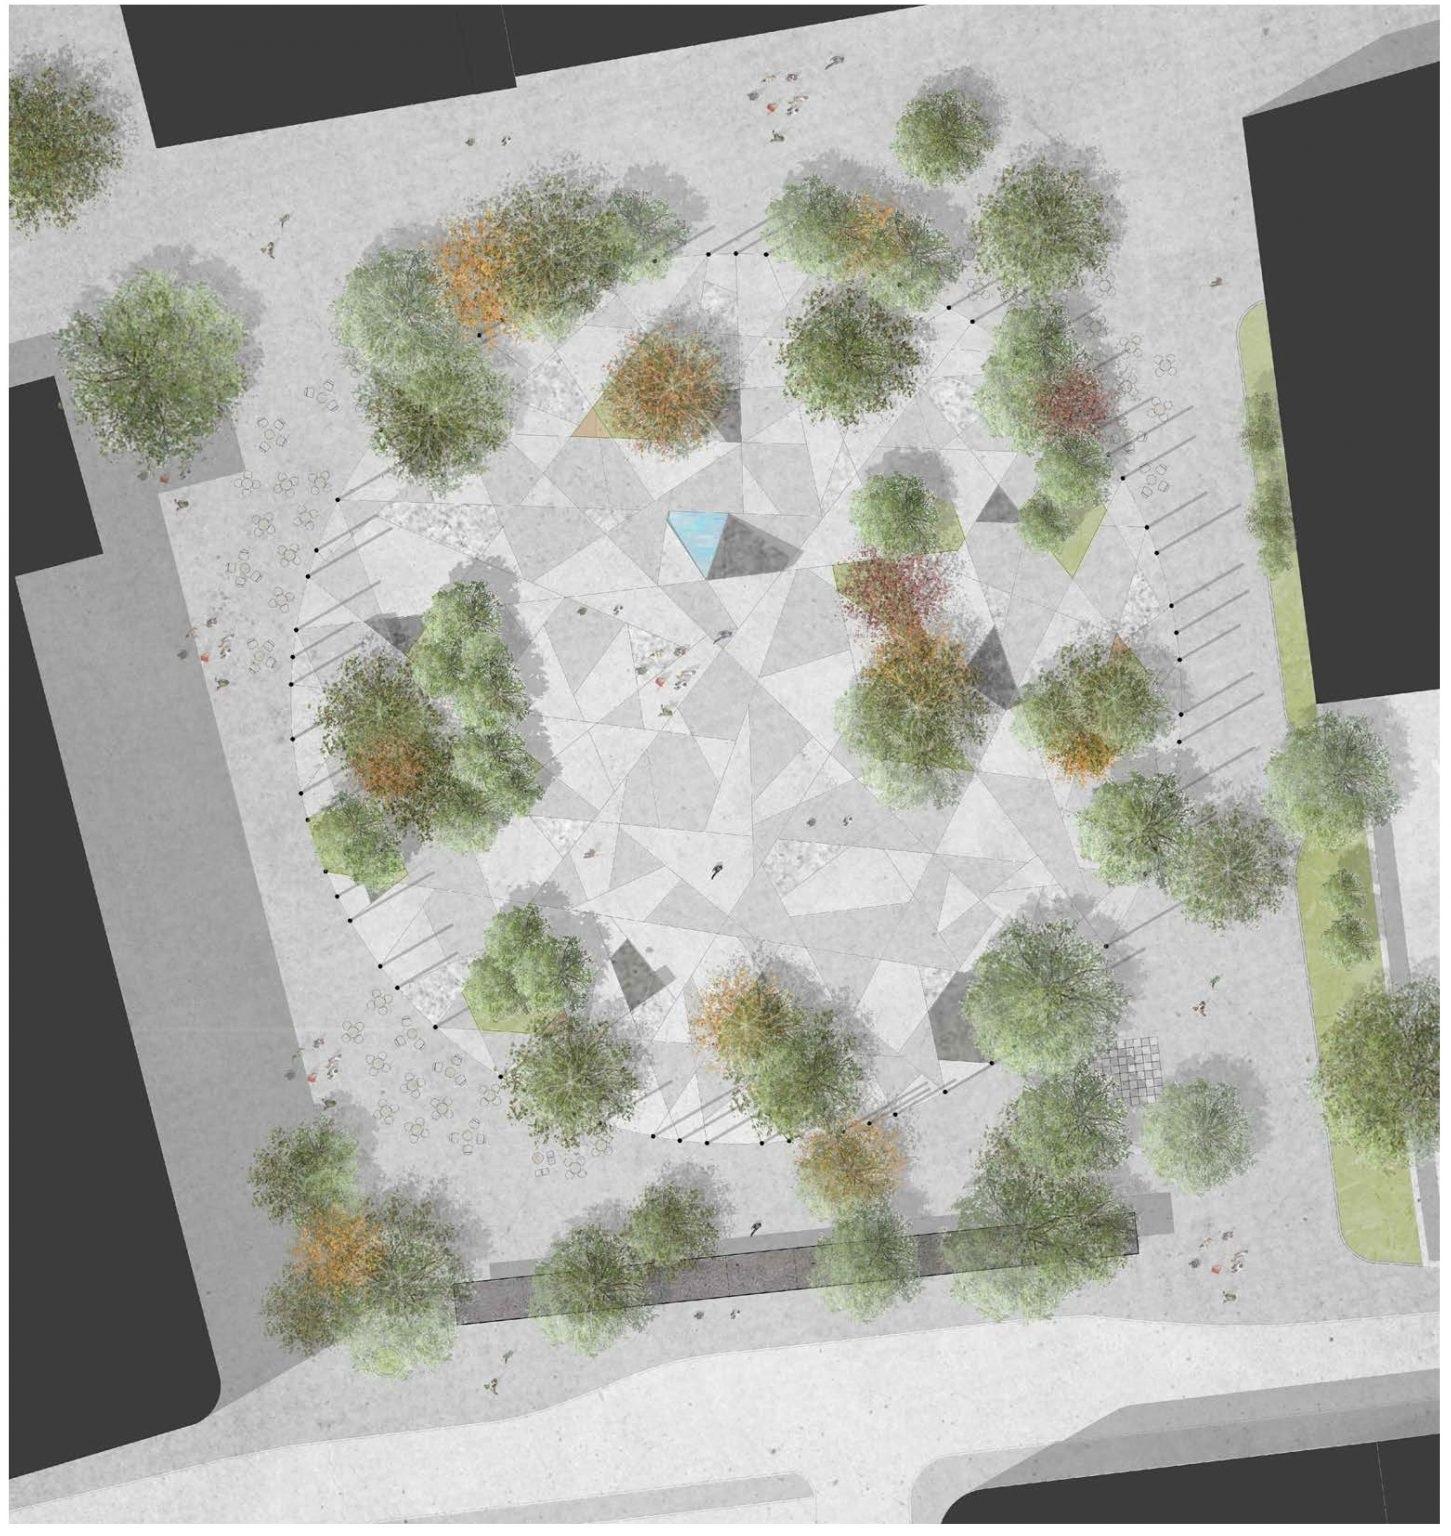 Pogledajte koncept 'Sarajevski mozaik' za uređenje Trga Alija Izetbegović